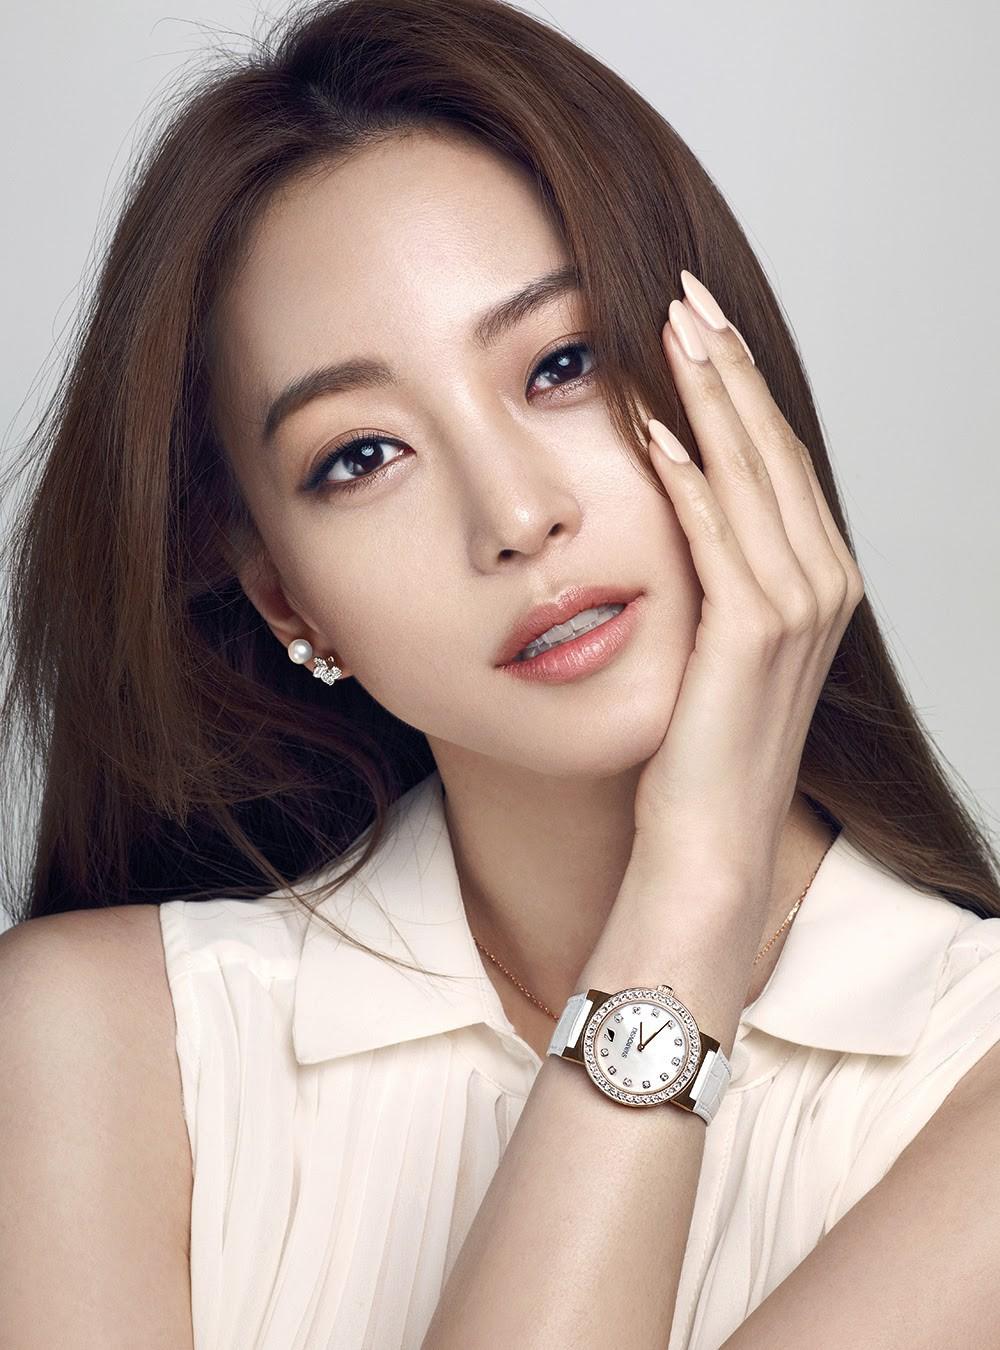 Chuyên gia thẩm mỹ chọn ra Top mỹ nhân có gương mặt đẹp nhất Kbiz: Cuối cùng idol đánh bật được diễn viên - Ảnh 7.